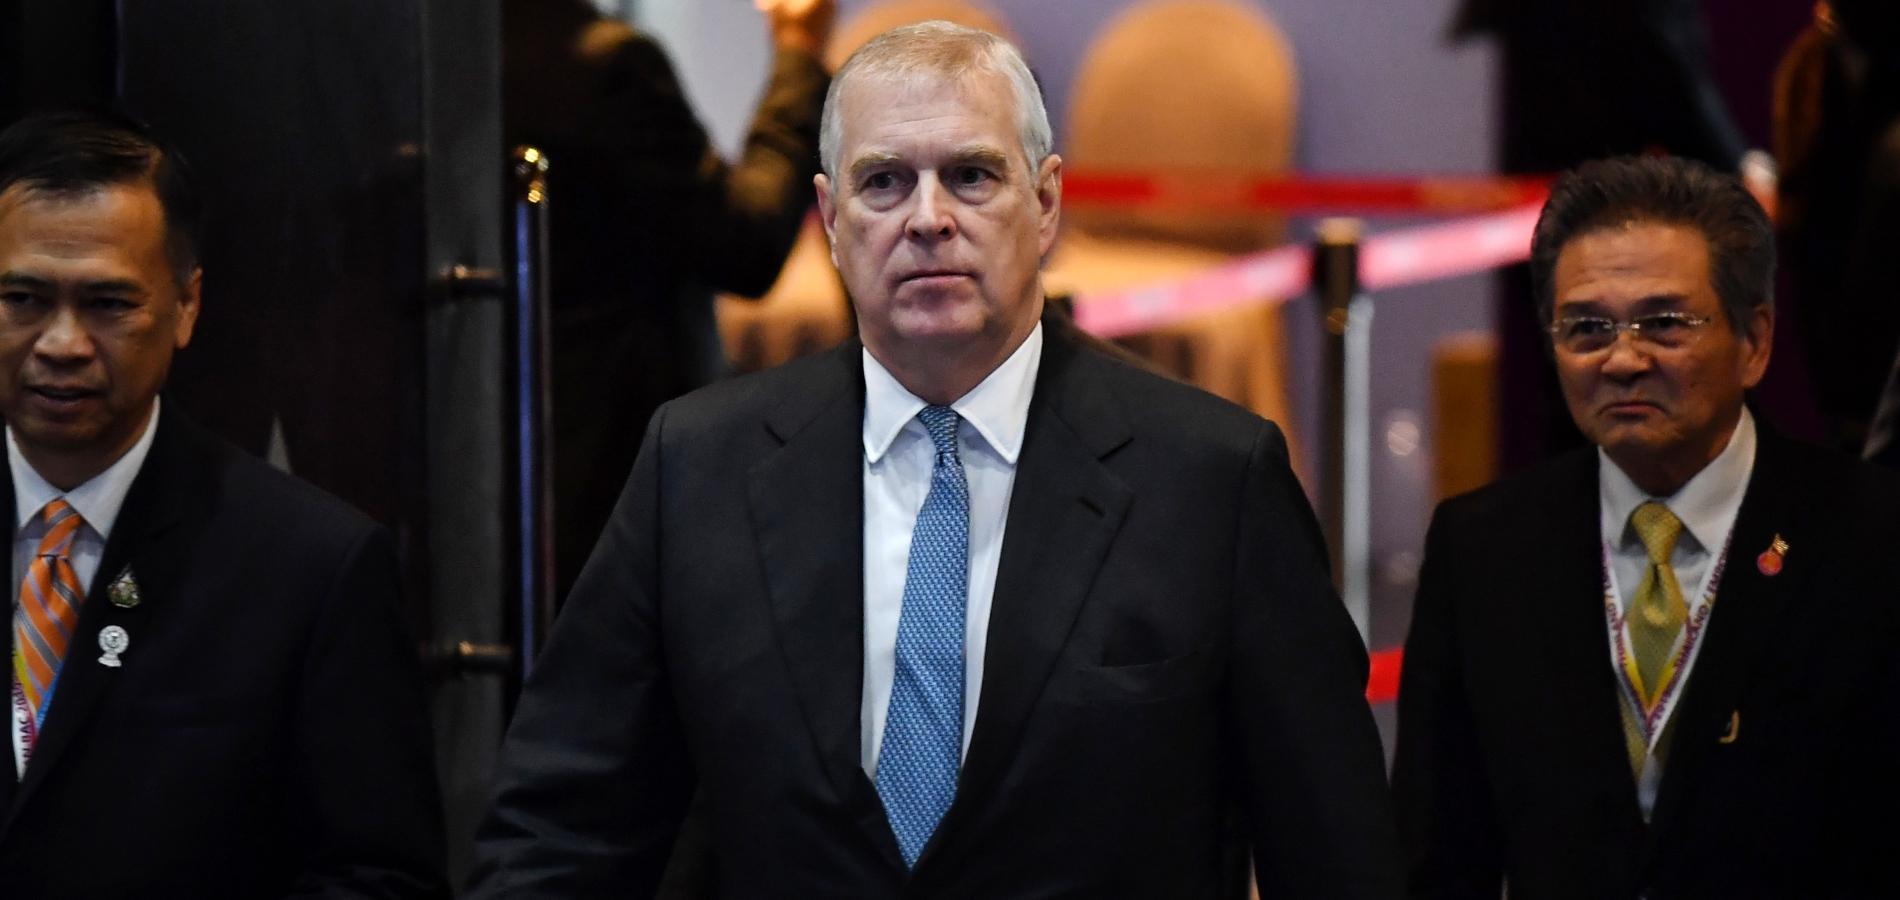 """""""Il n'avait pas l'air conscient du sérieux de l'affaire"""" : la défense du prince Andrew ne convainc pas"""